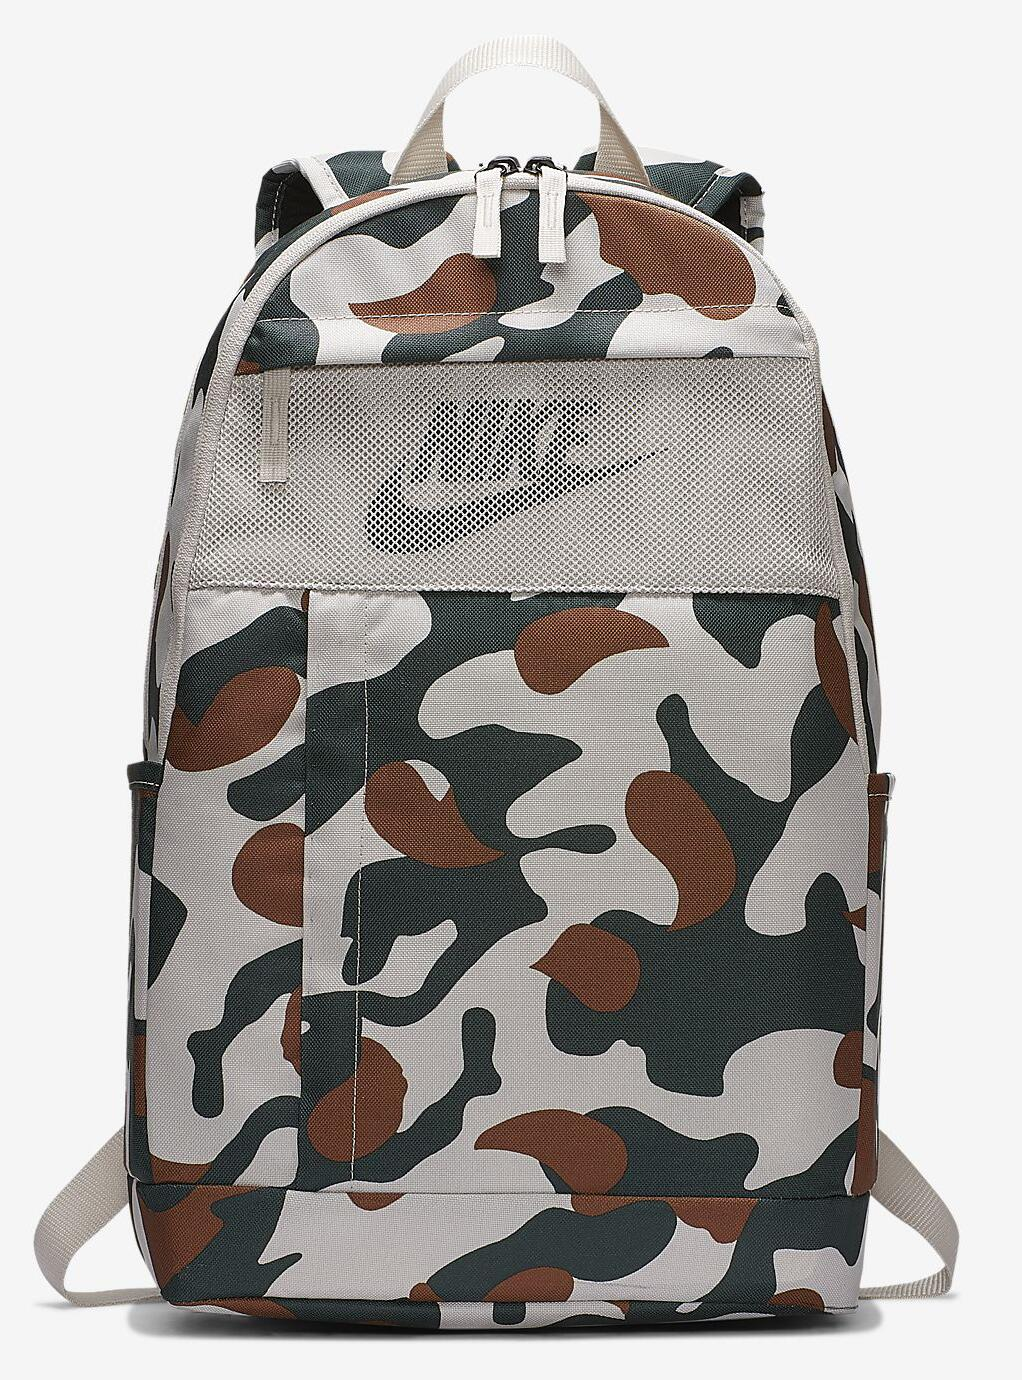 nike-2-0-rucksack-farbe-008-desert-sand-desert-sand-black-